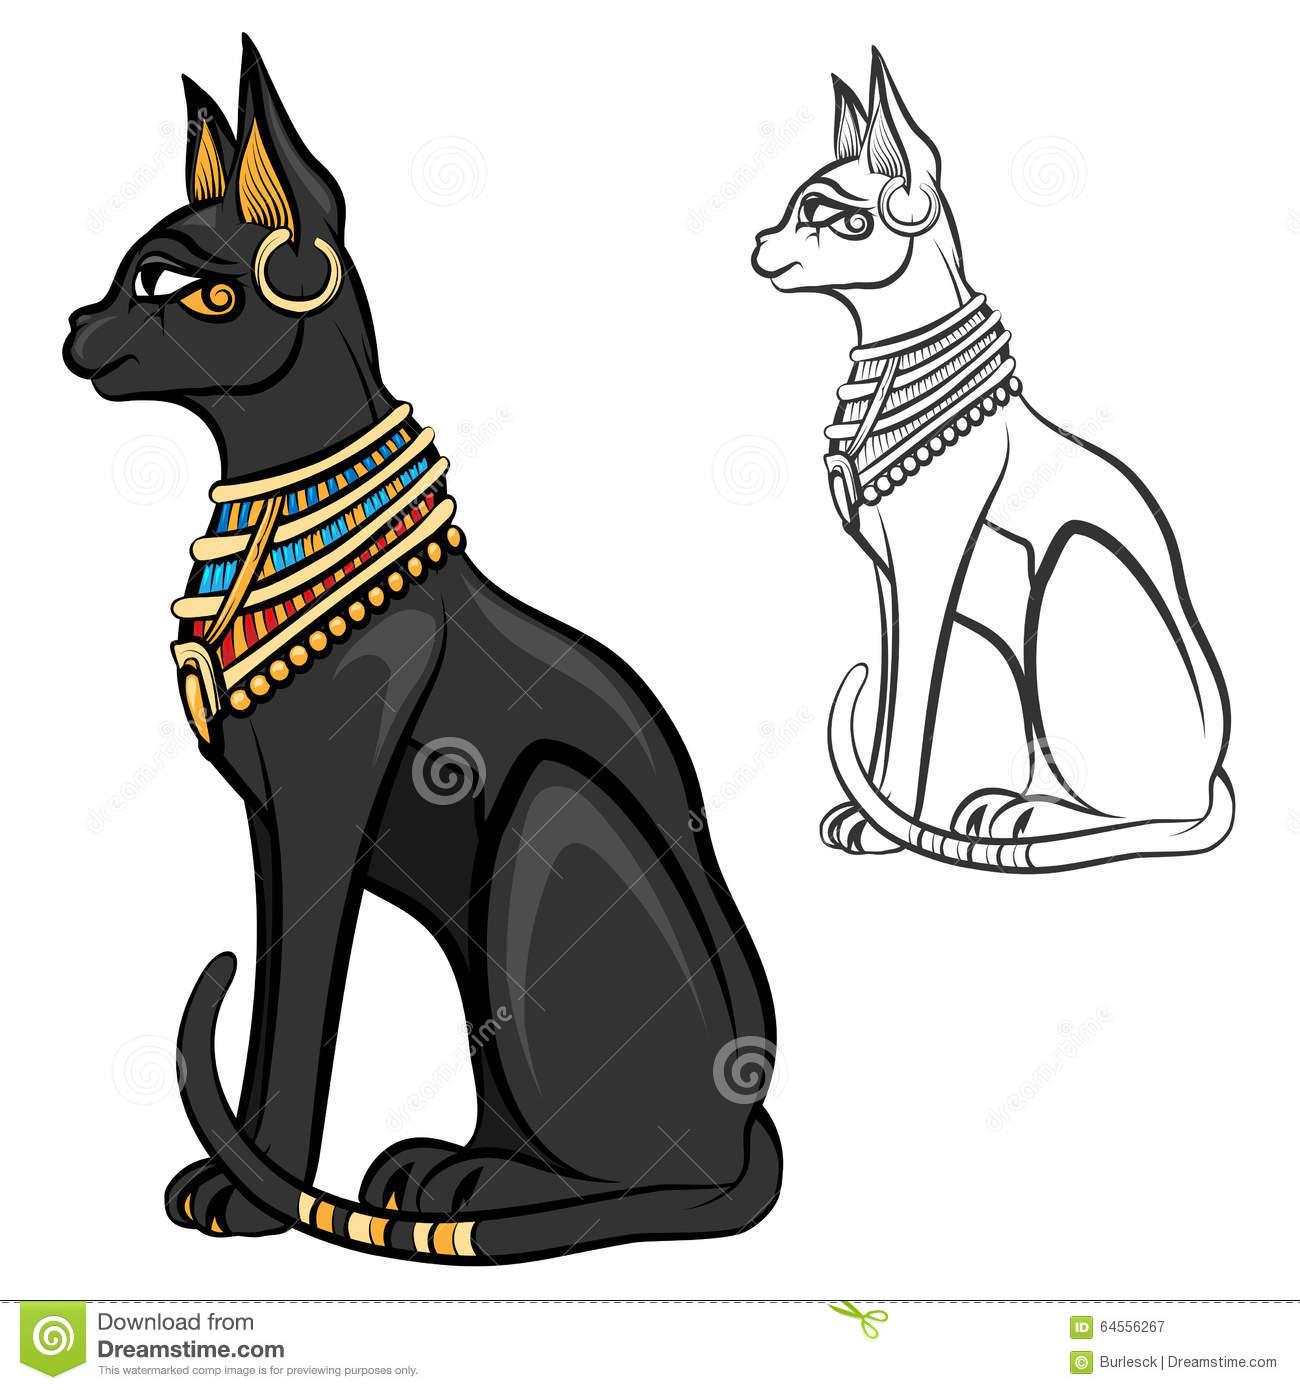 Ägypten-Katzengöttin Bastet Vektor Vektor Abbildung in Ägyptische Katzengöttin